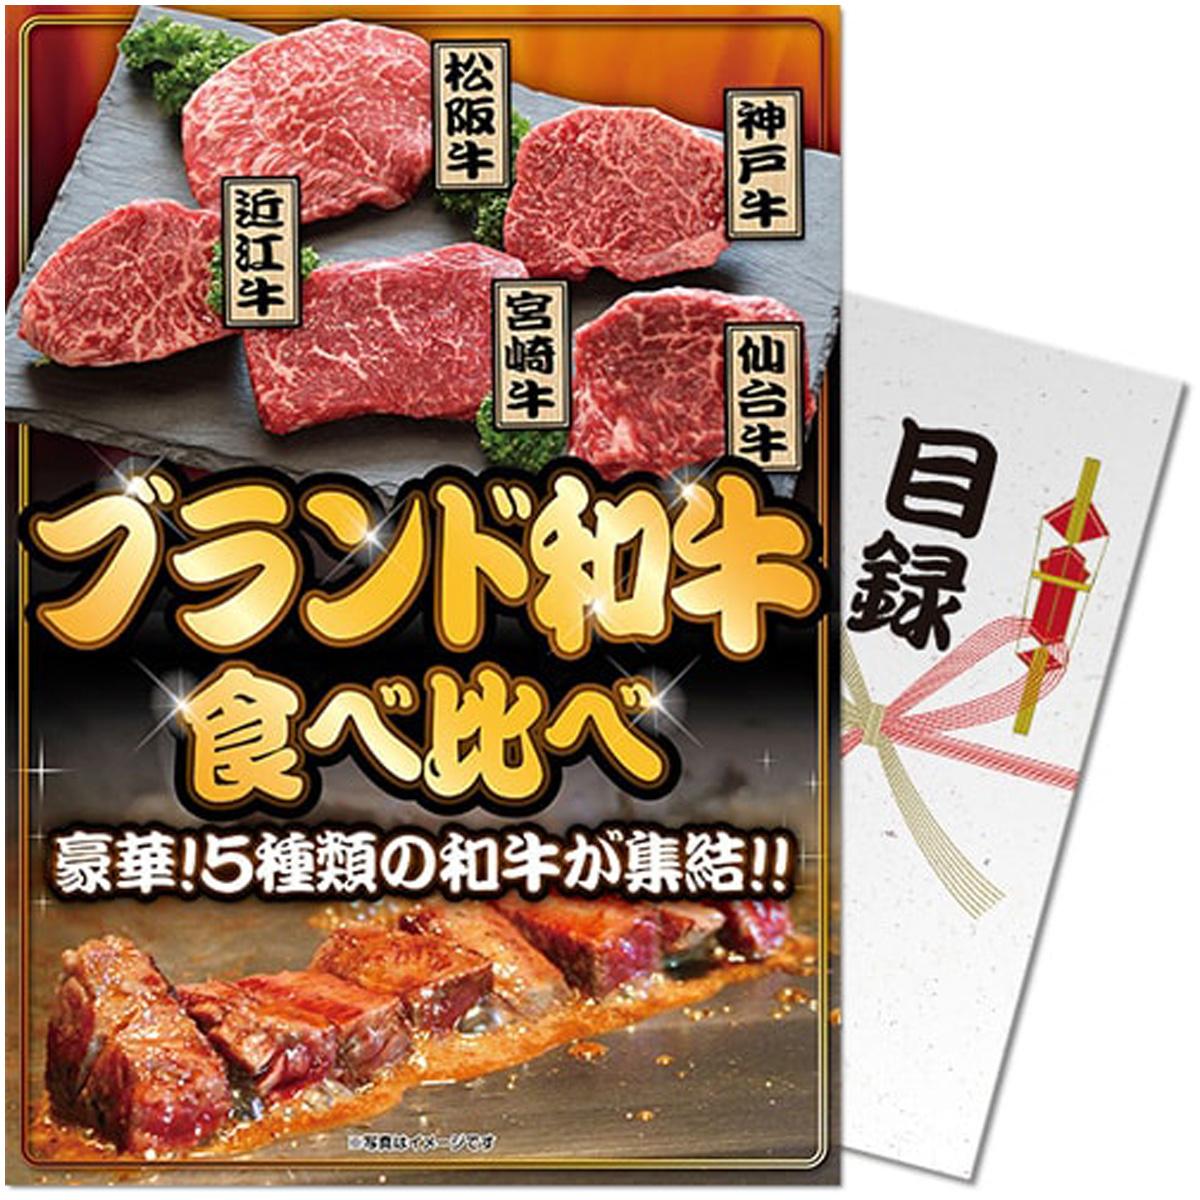 パネもく!ブランド牛5種ステーキ食べ比べ 目録 A4パネル付き